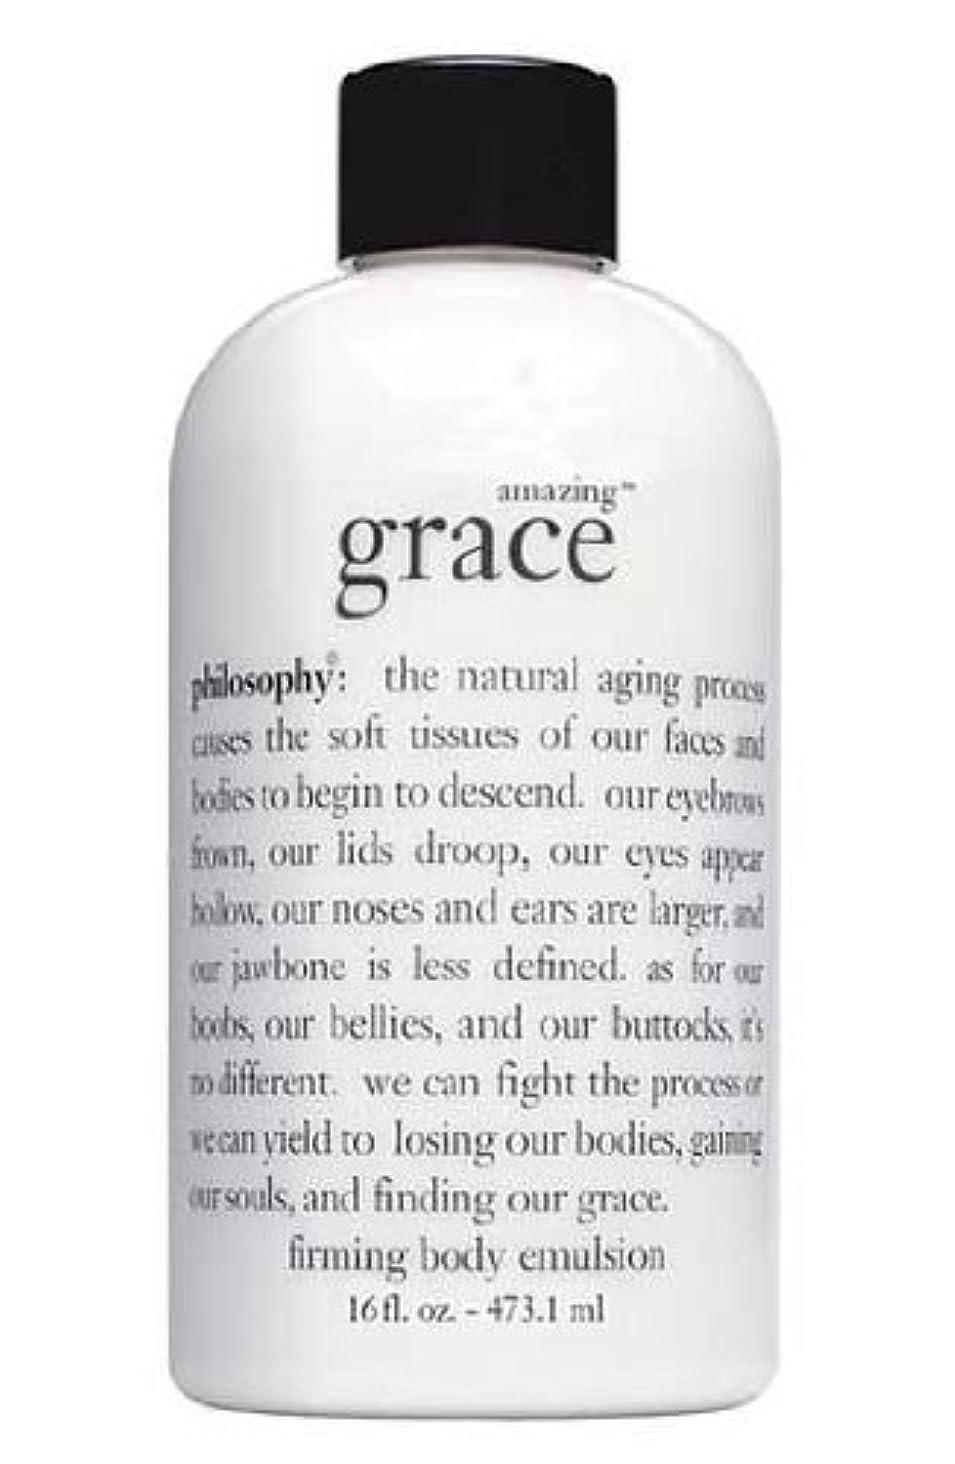 施し欠員サワーamazing grace perfumed firming body emulsion (アメイジング グレイス ボディーエミュルージョン) 16.0 oz (480ml) for Women